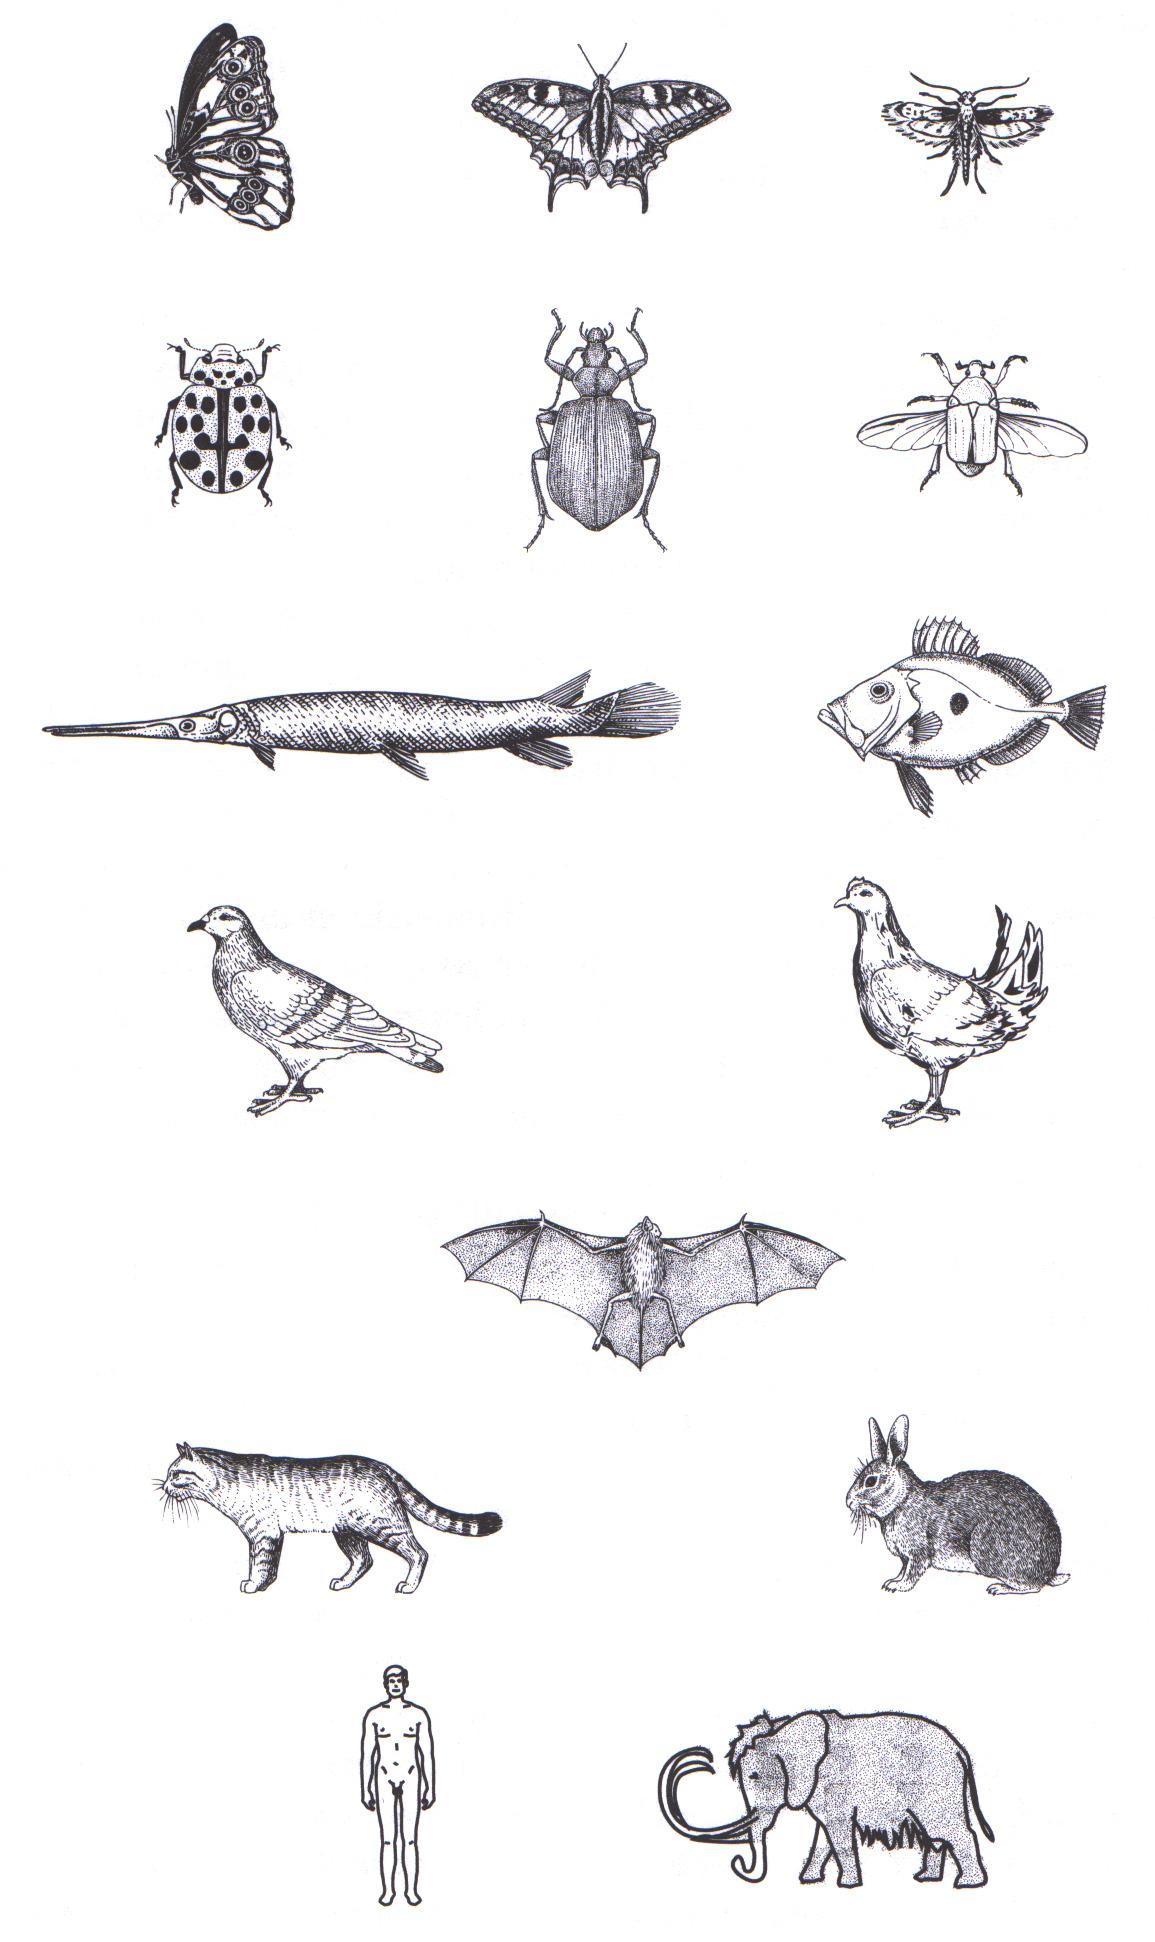 Die Klassifizierung von Lebewesen